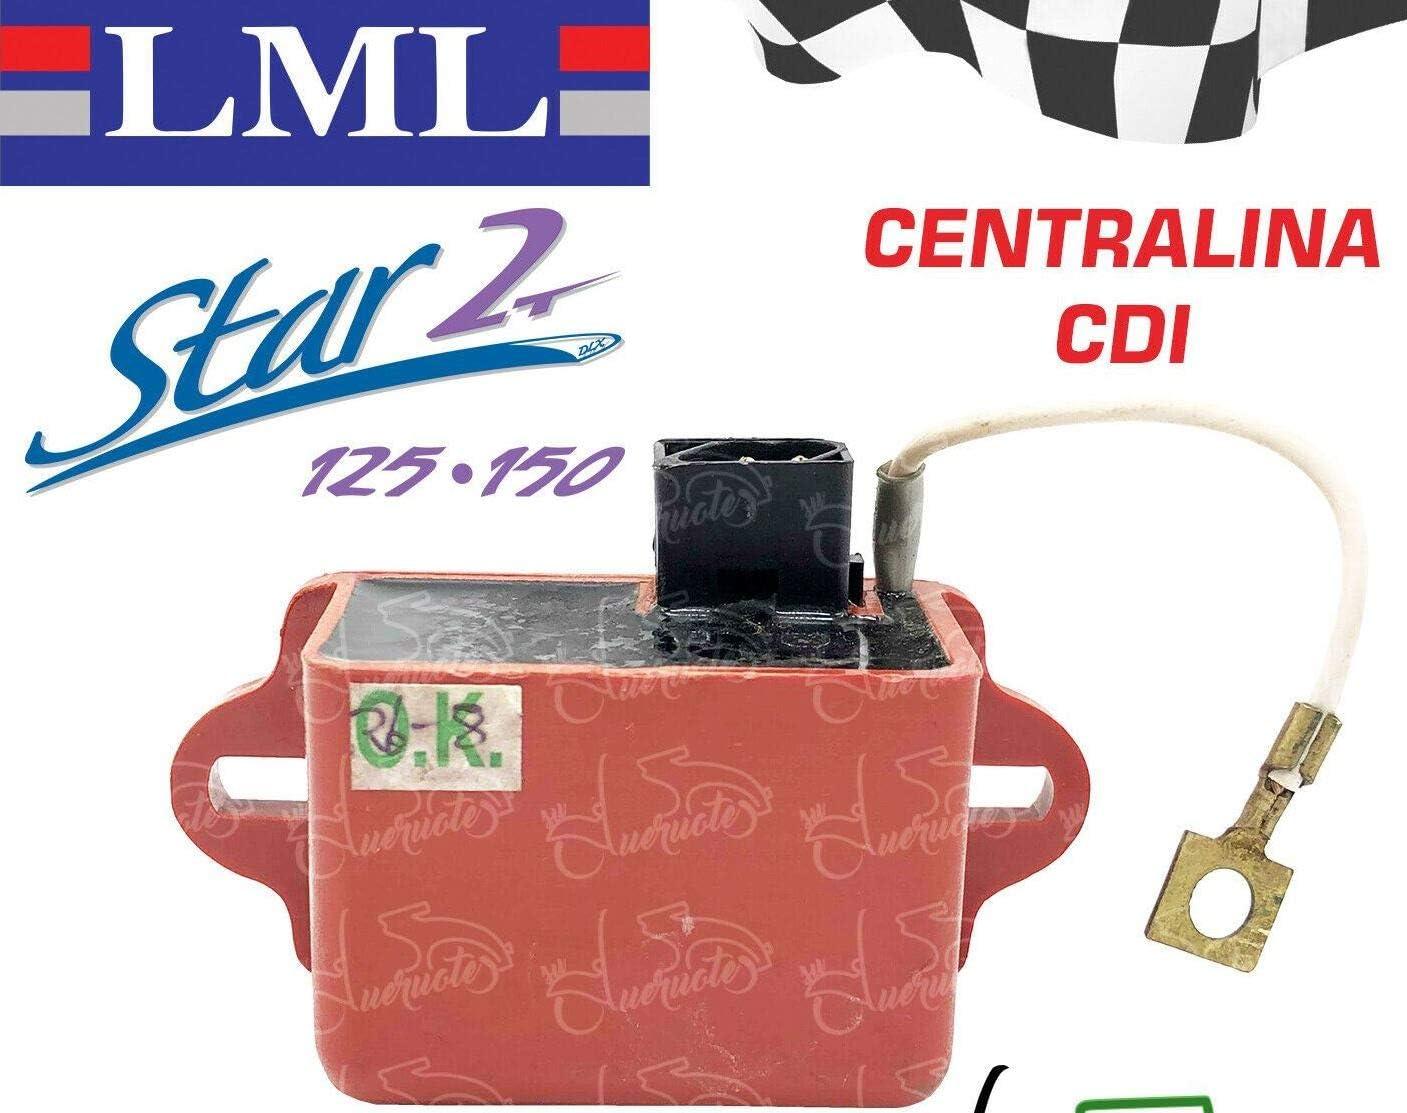 CENTRALINA BOBINA DI ACCENSIONE ELETTRONICA PER LML STAR 125 150 2 TEMPI DELUXE